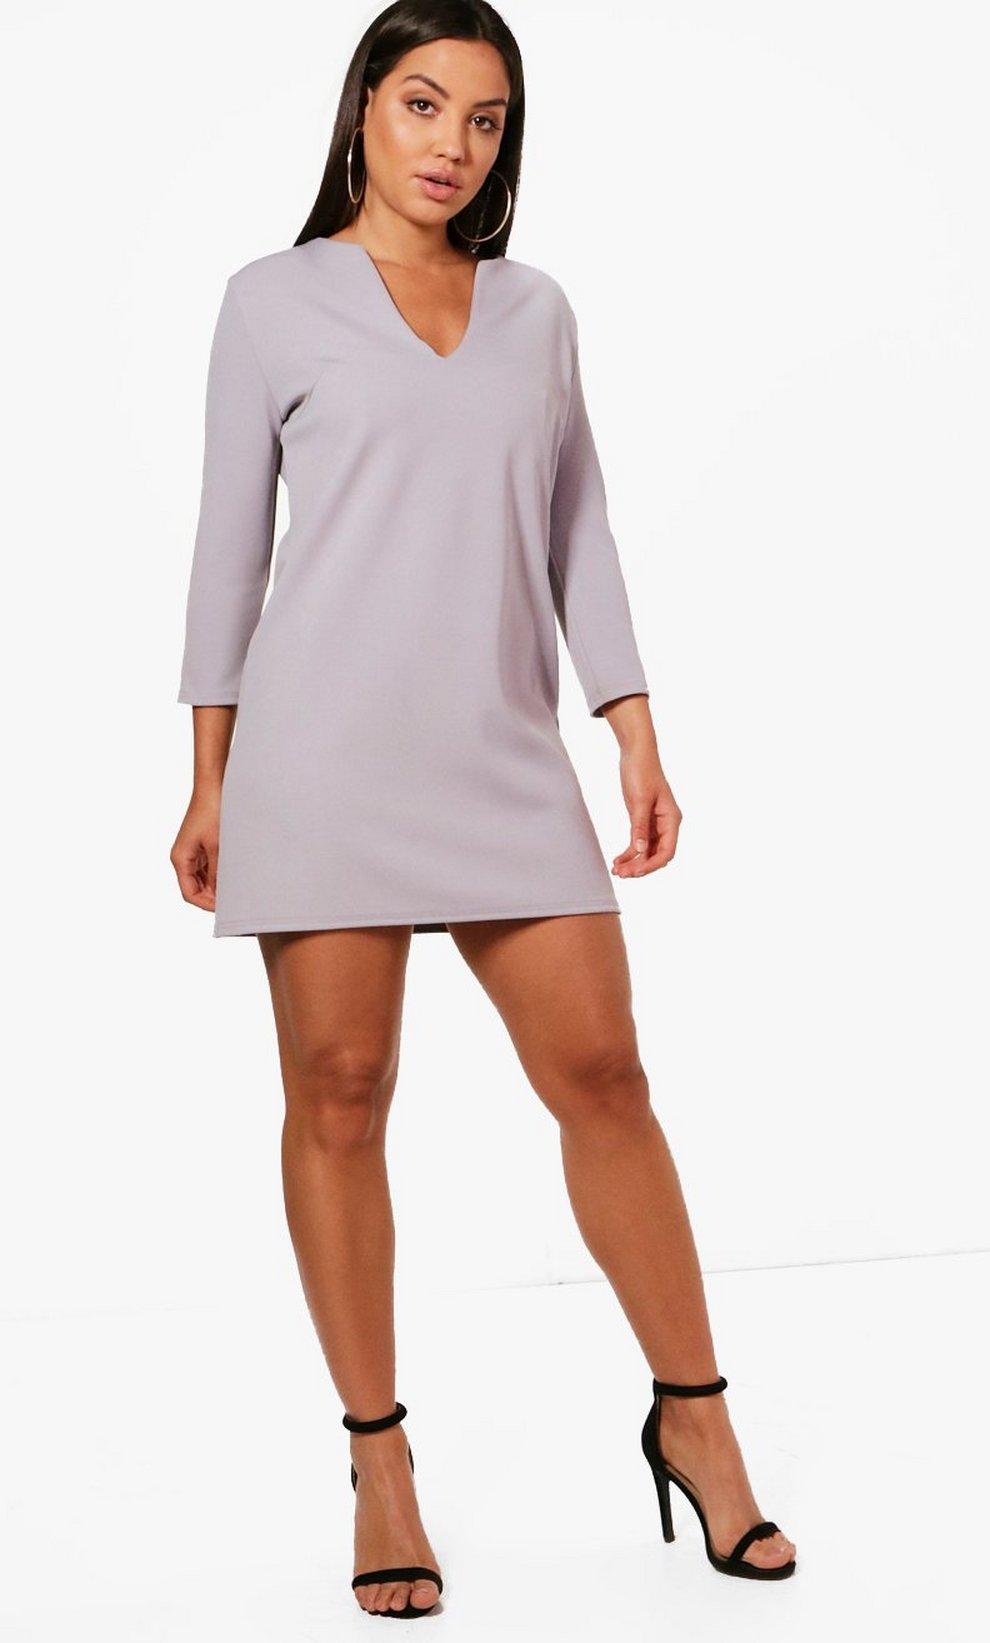 6c676e287764 V Neck Formal 3 4 Sleeve Shift Dress